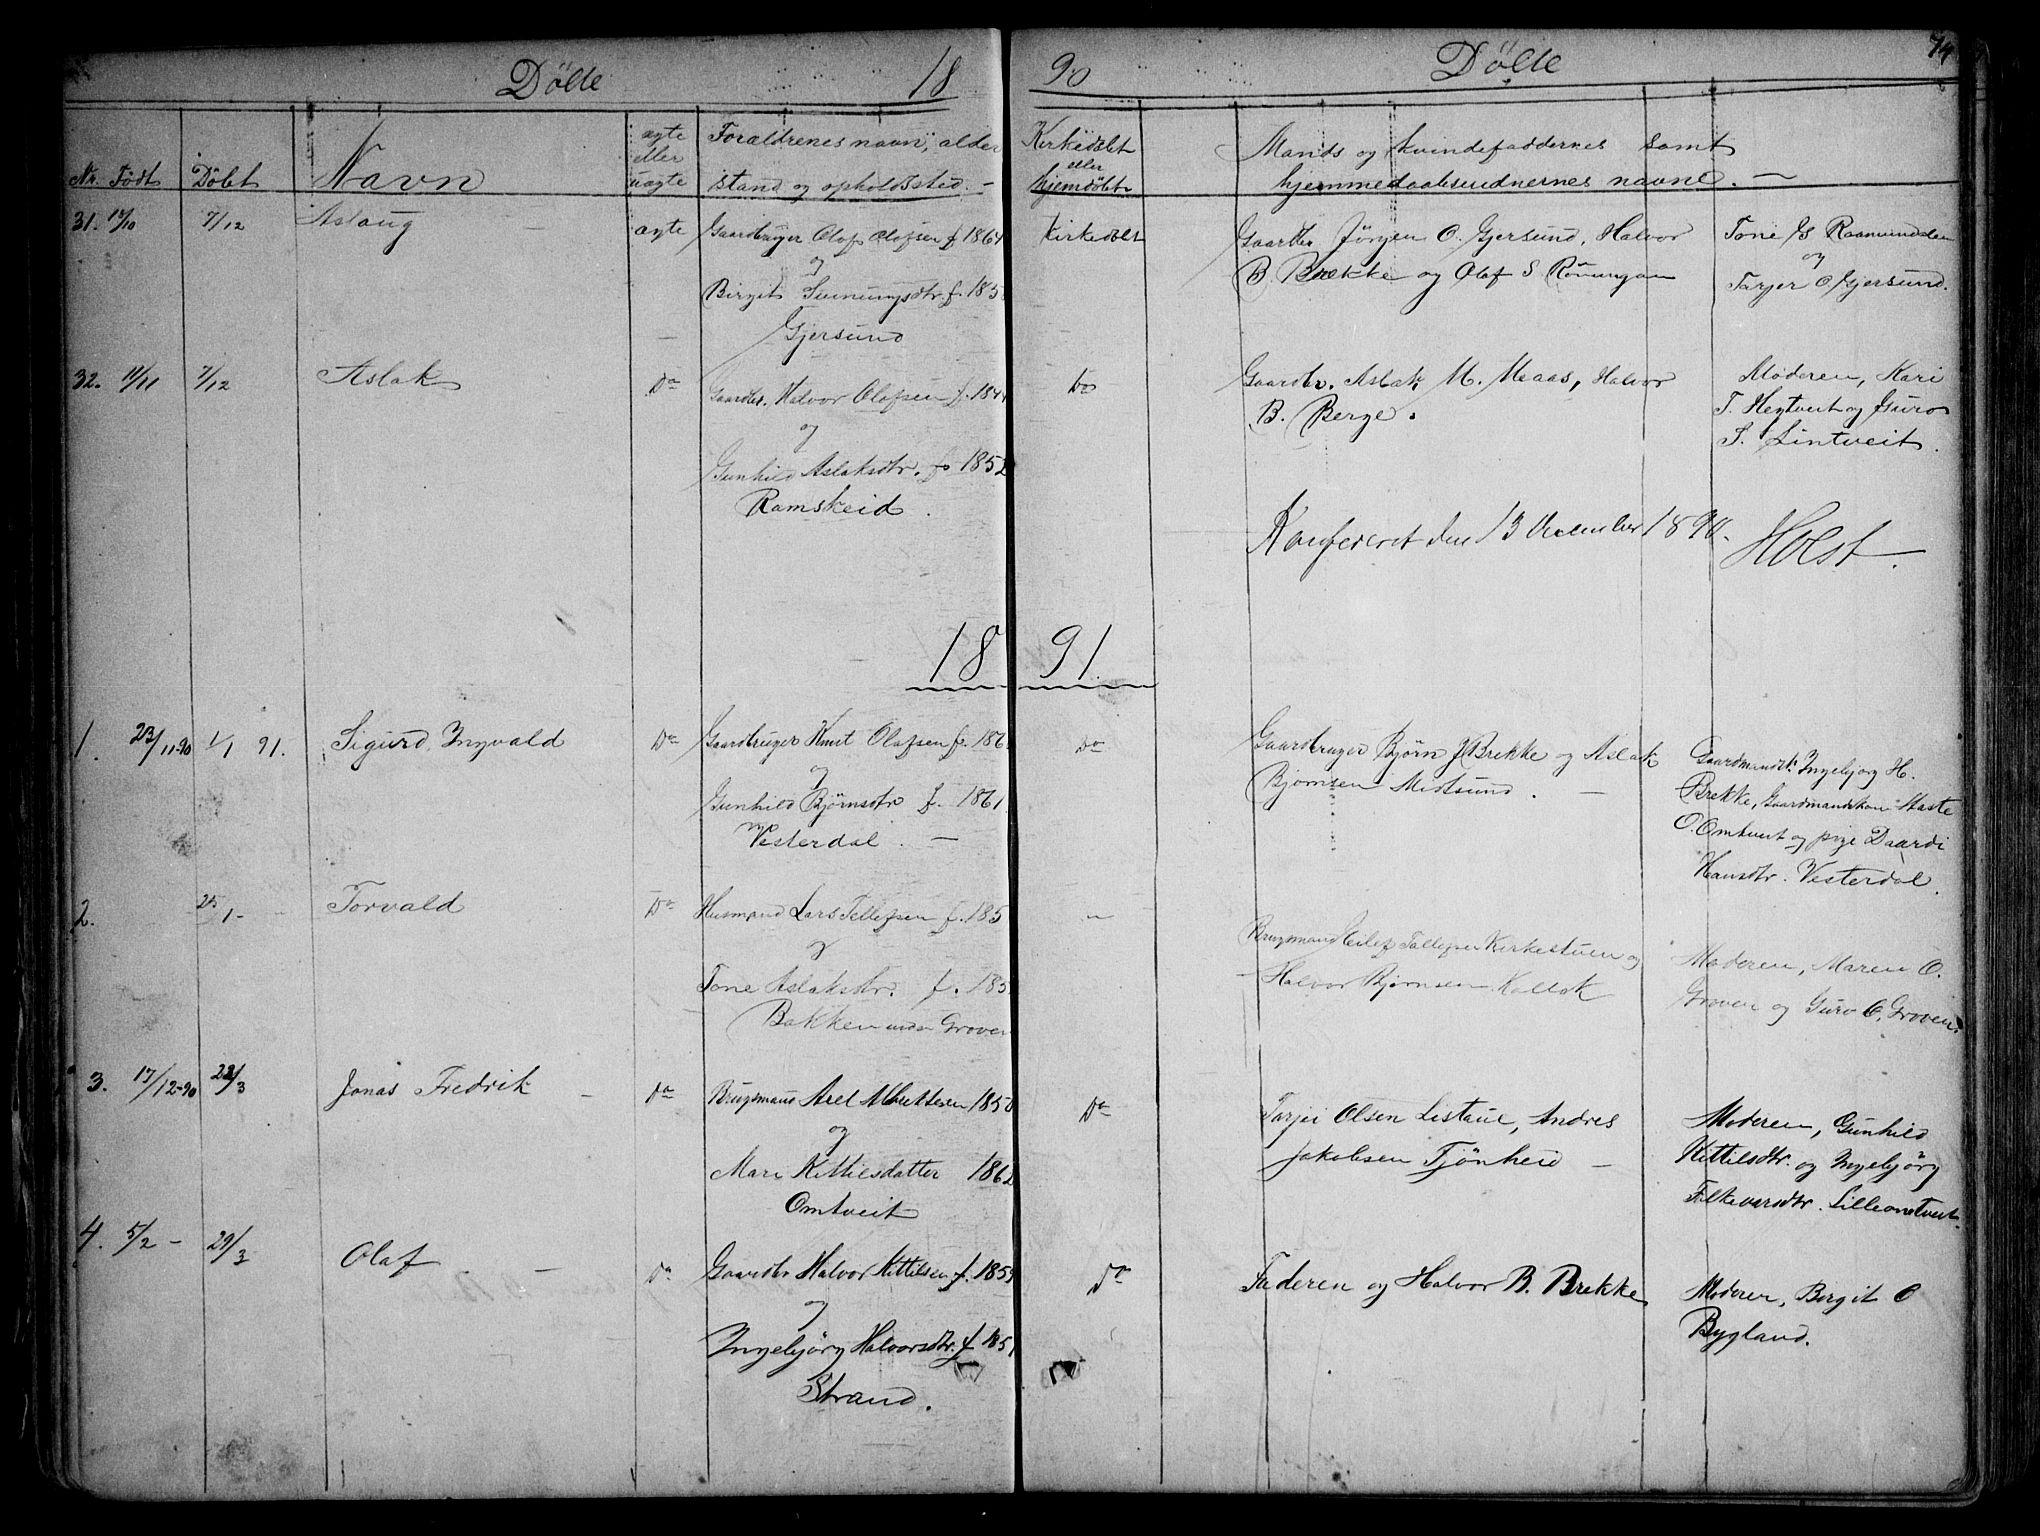 SAKO, Kviteseid kirkebøker, G/Gb/L0002: Klokkerbok nr. II 2, 1850-1892, s. 74